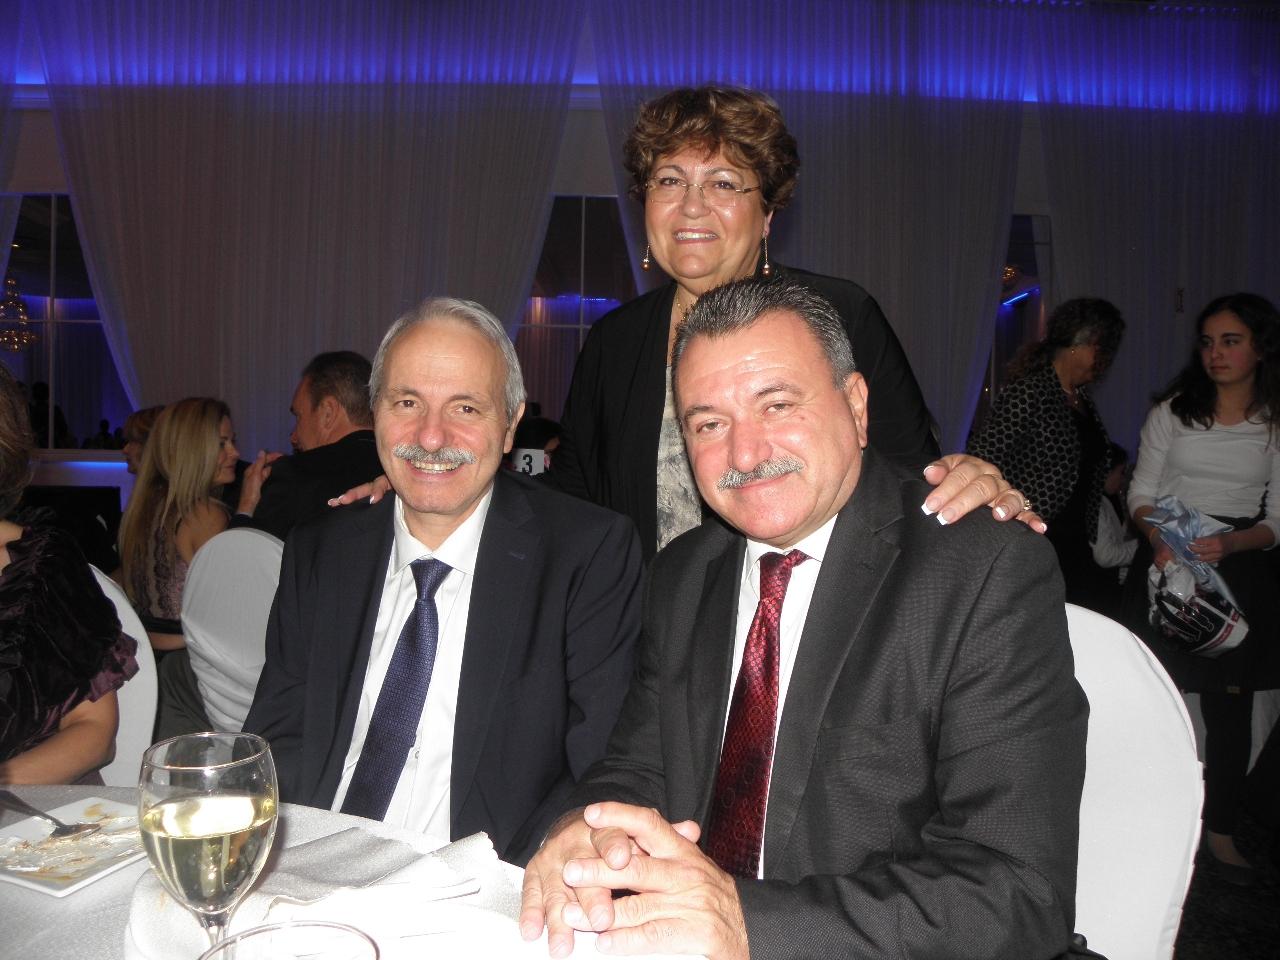 Ο Θ. Γαλιατσάτος με τον Πρέσβη της Ελλάδας στον Καναδά και την αντιδήμαρχο Μόντρεαλ στη χοροεσπερίδα των Κεφαλλήνων του Καναδά.